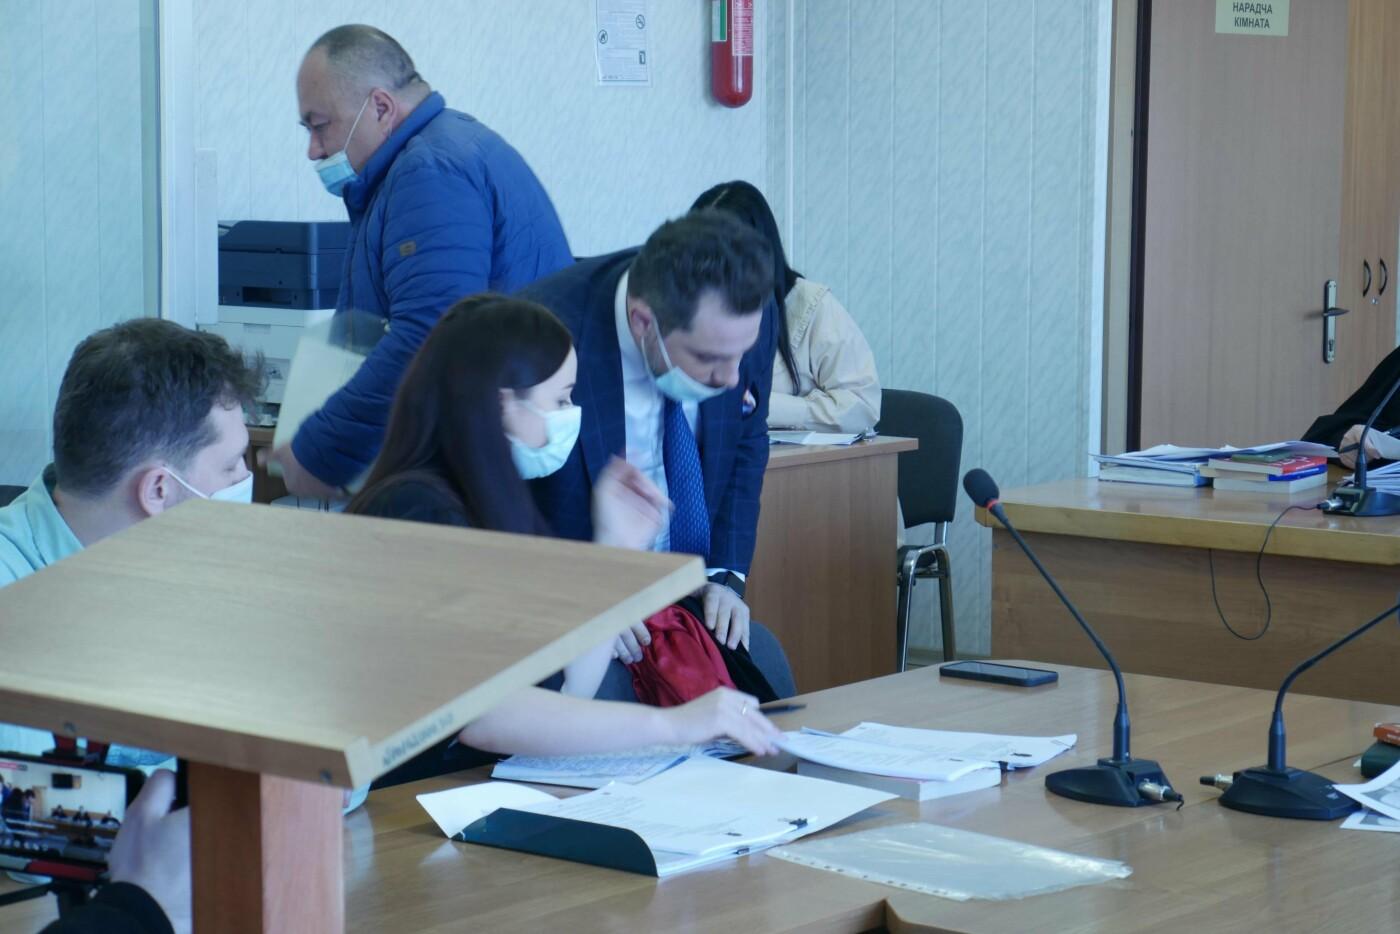 Суд Одессы изменил меру пресечения фотографу, который подозревается в смертельном ДТП, фото-15